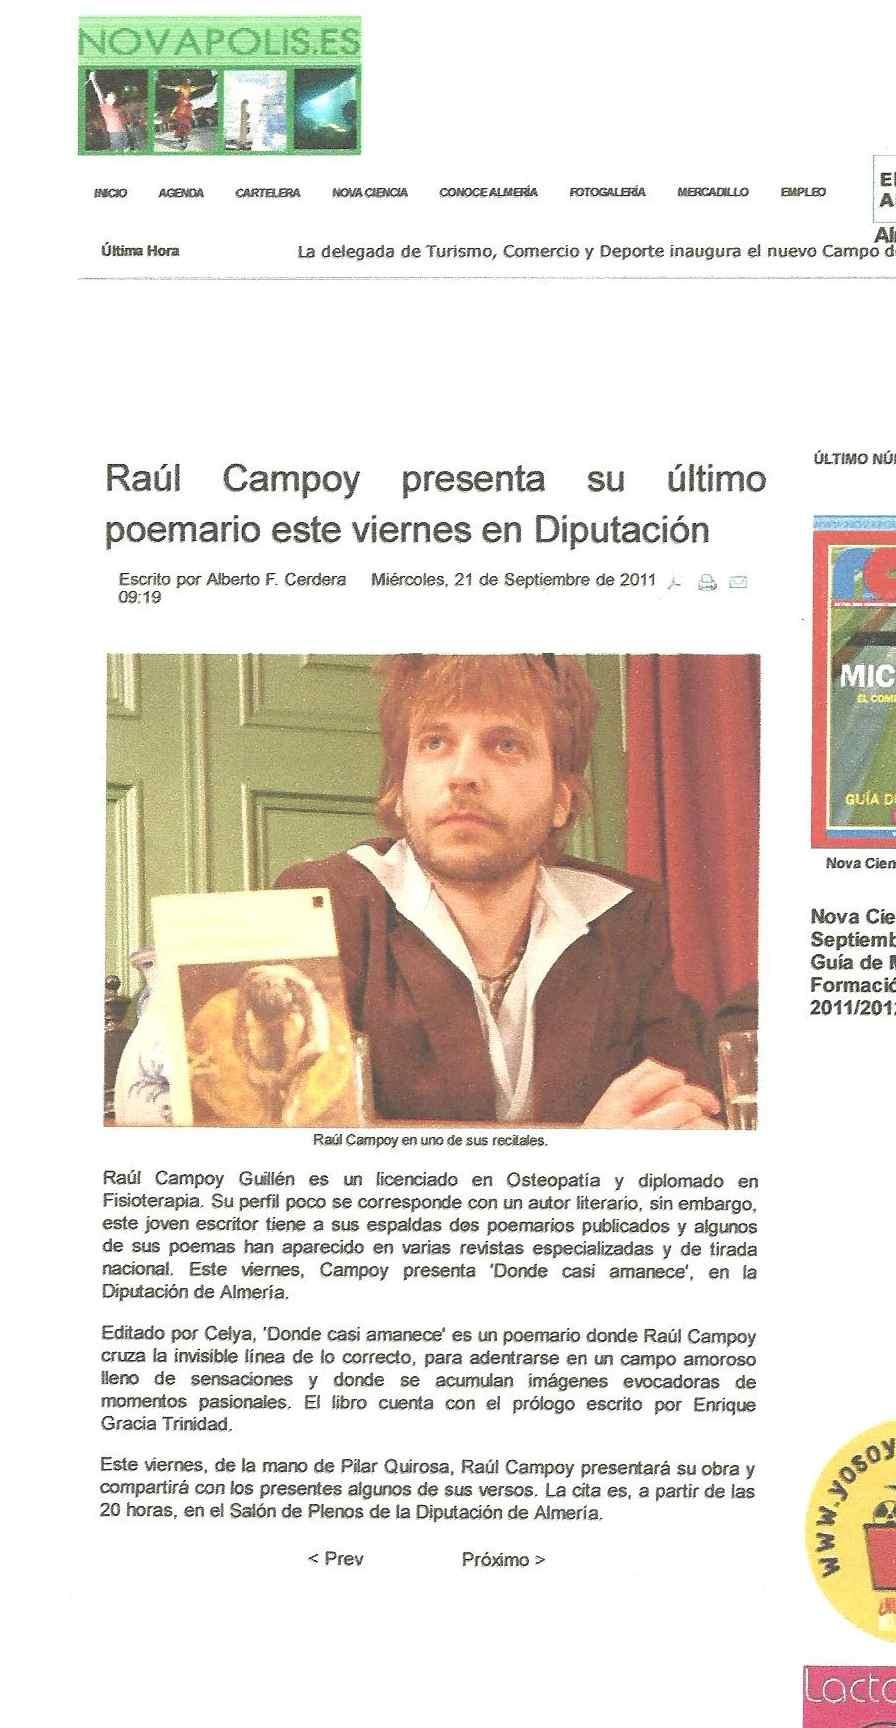 NOVAPOLIS: Raúl Campoy en la Diputación de Almería.